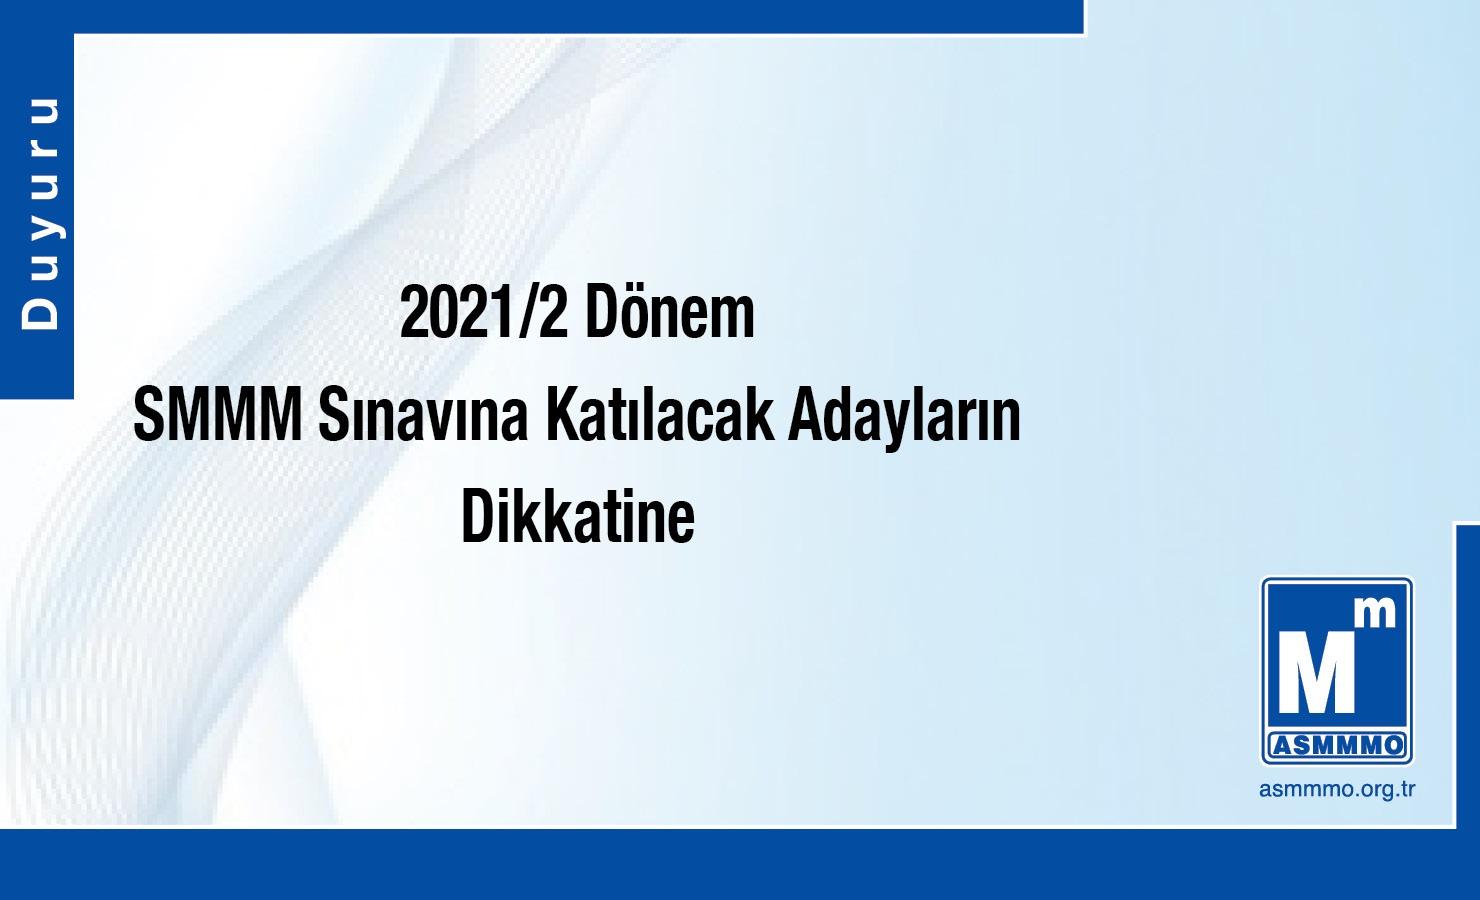 2021/2 Dönem SMMM Sınavına Katılacak Adayların Dikkatine.